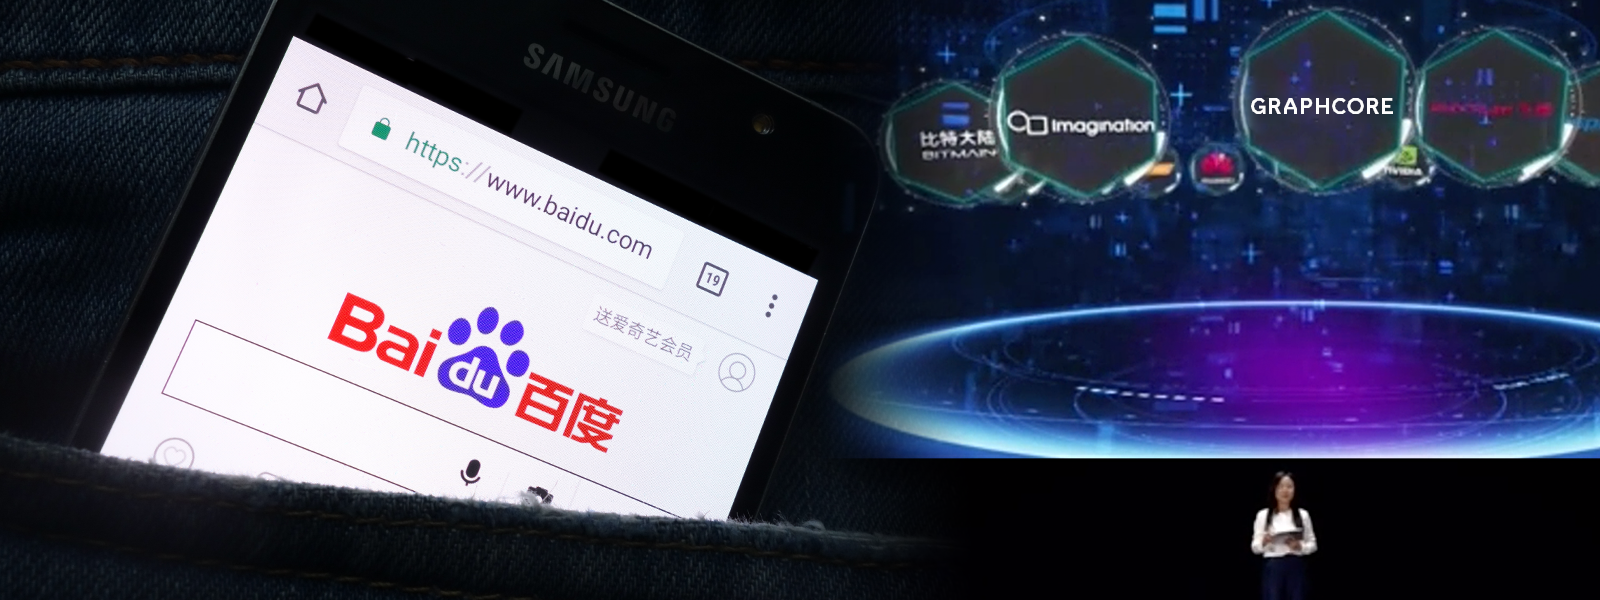 Graphcore joins Baidu PaddlePaddle Hardware Ecosystem